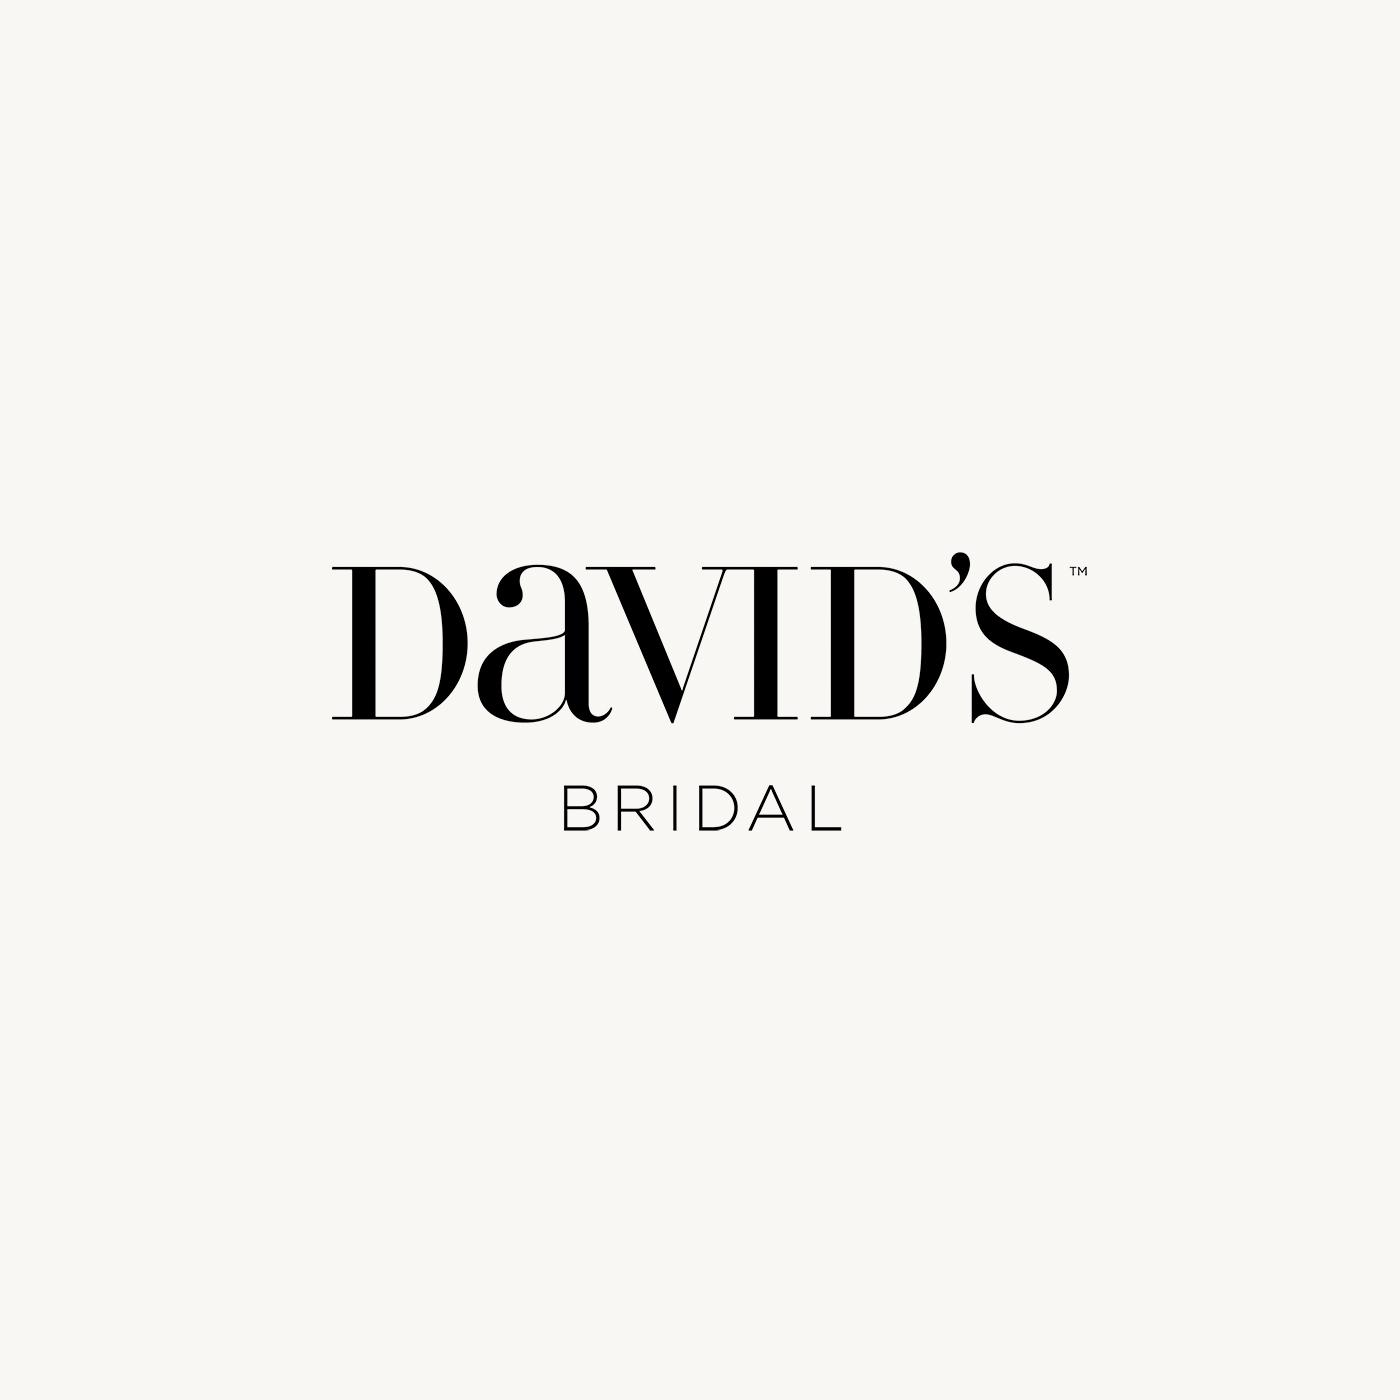 Davids Bridal Logo.jpg